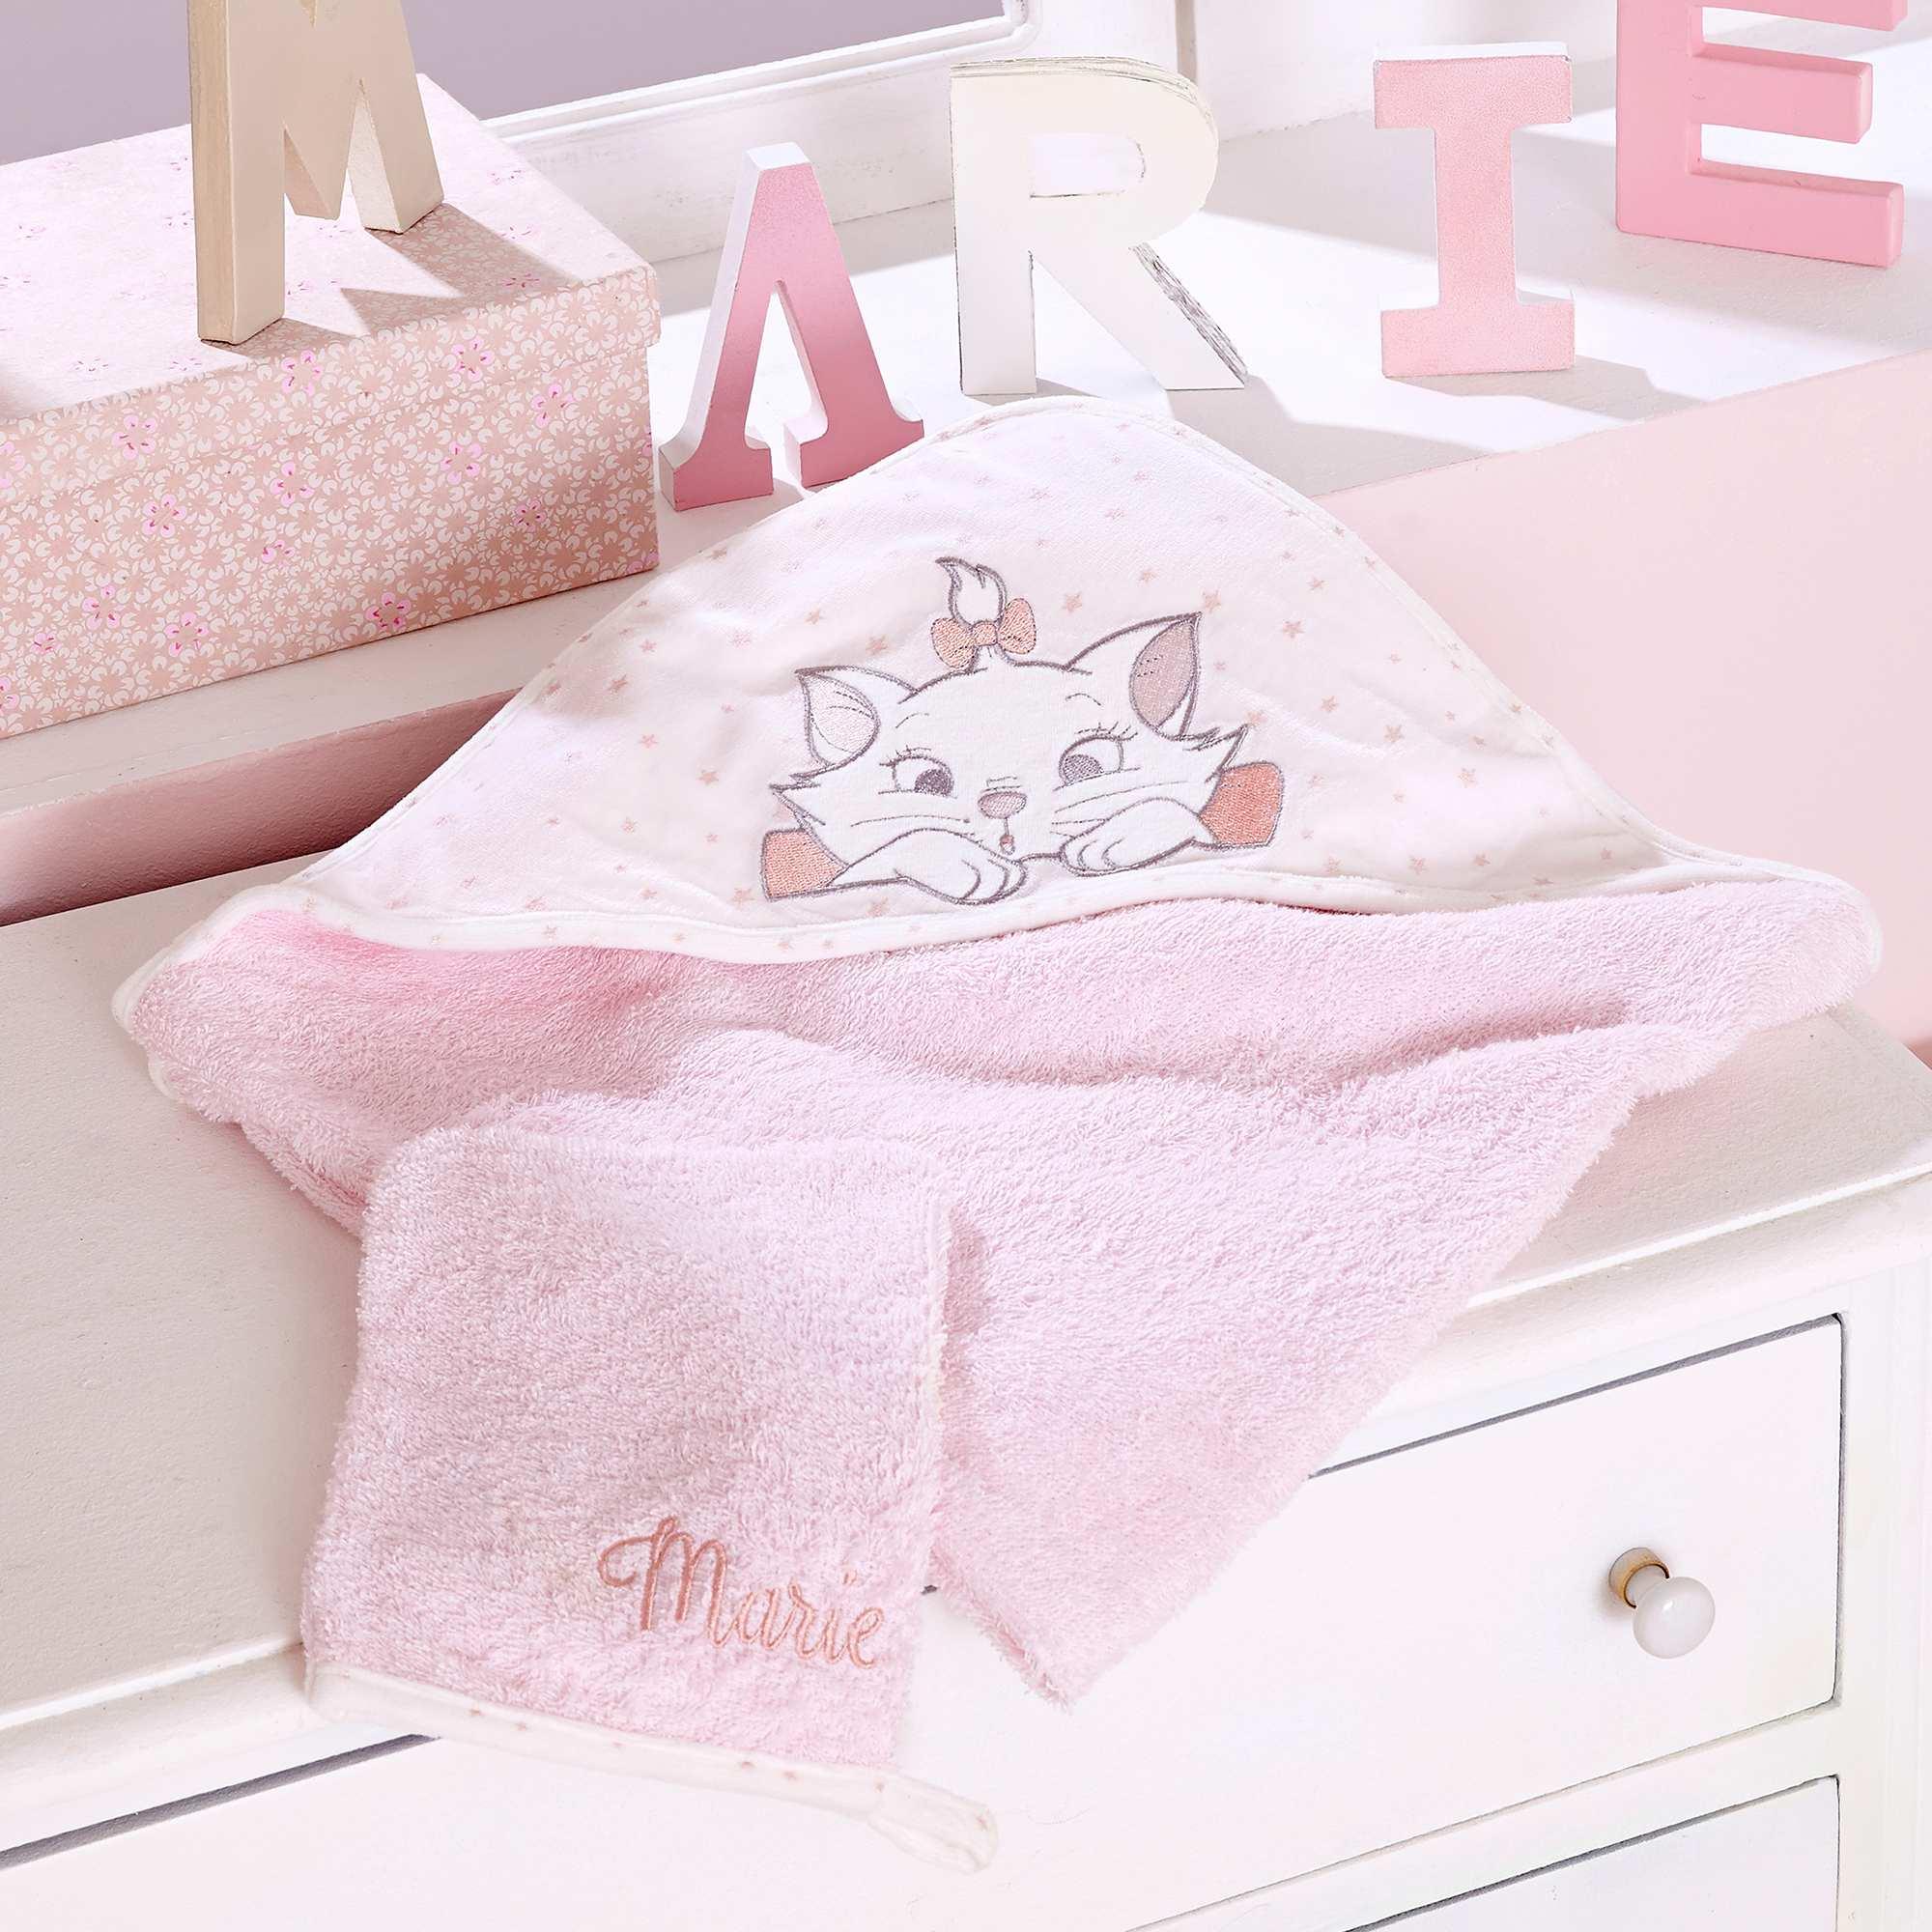 Couleur : rose pâle, , ,, - Taille : TU, , ,,Une cape de bain qui enveloppe bébé de douceur après son bain, avec son petit gant de